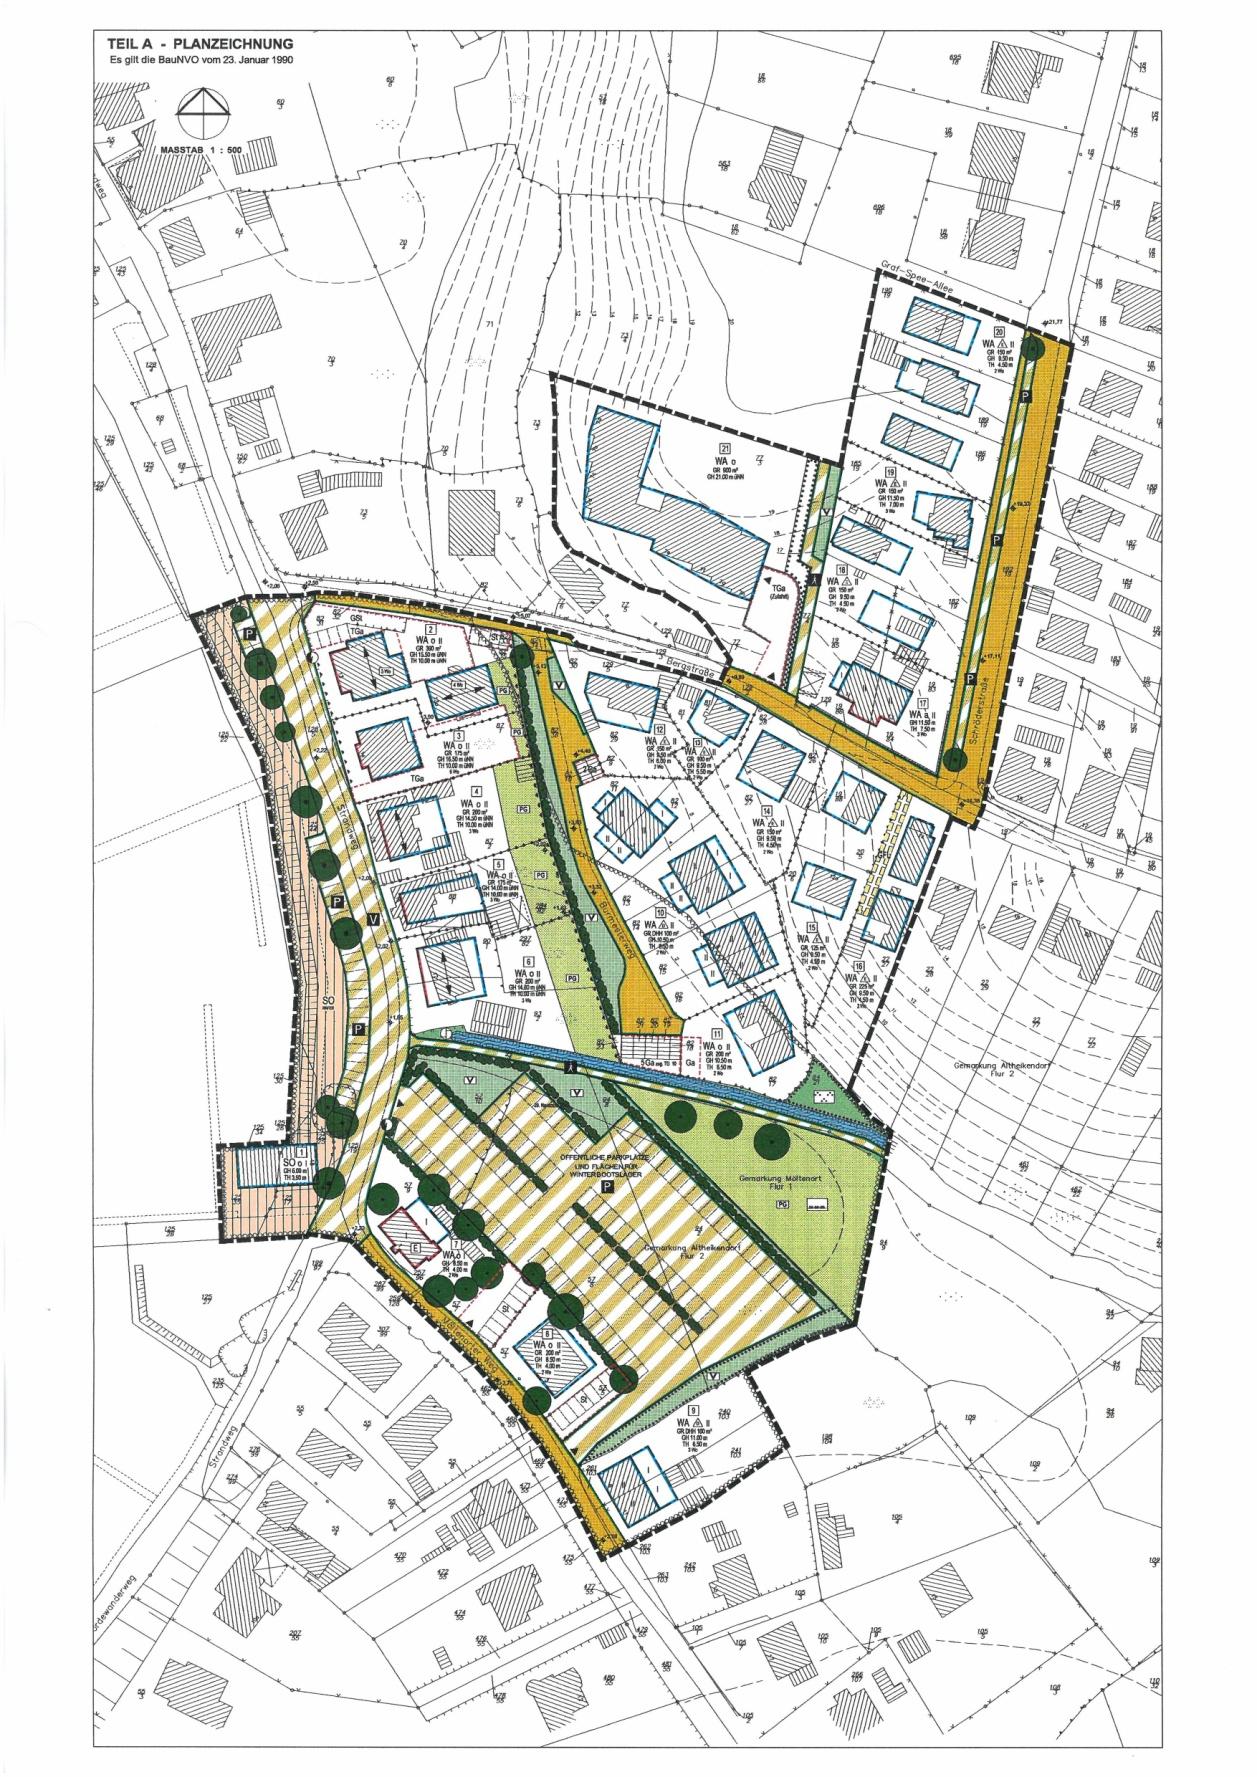 planung im bestand heikendorf